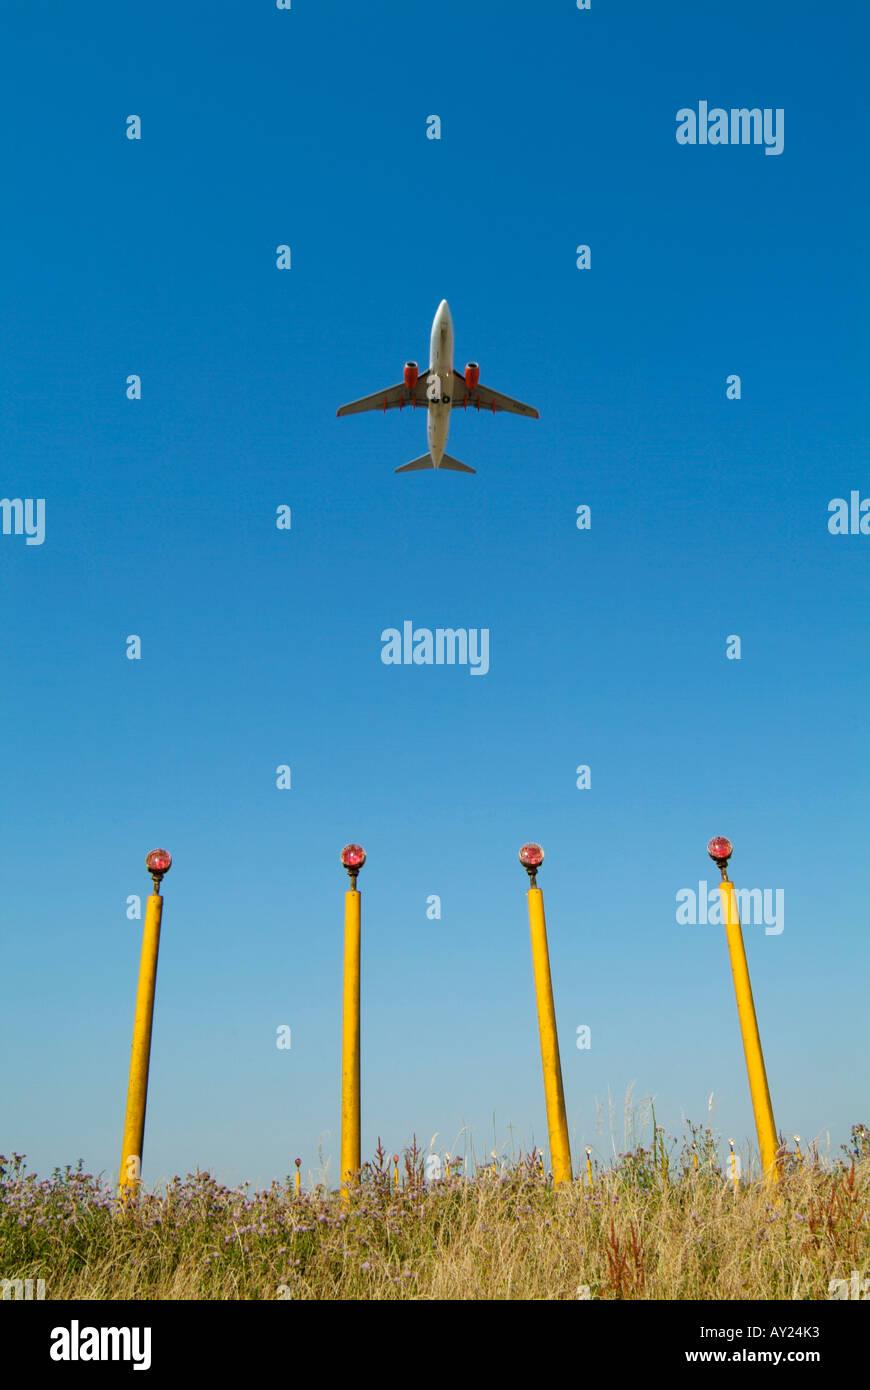 El aeropuerto John Lennon en Speke, Liverpool, Merseyside. Pasajero avión despegando por encima de las luces de Foto de stock